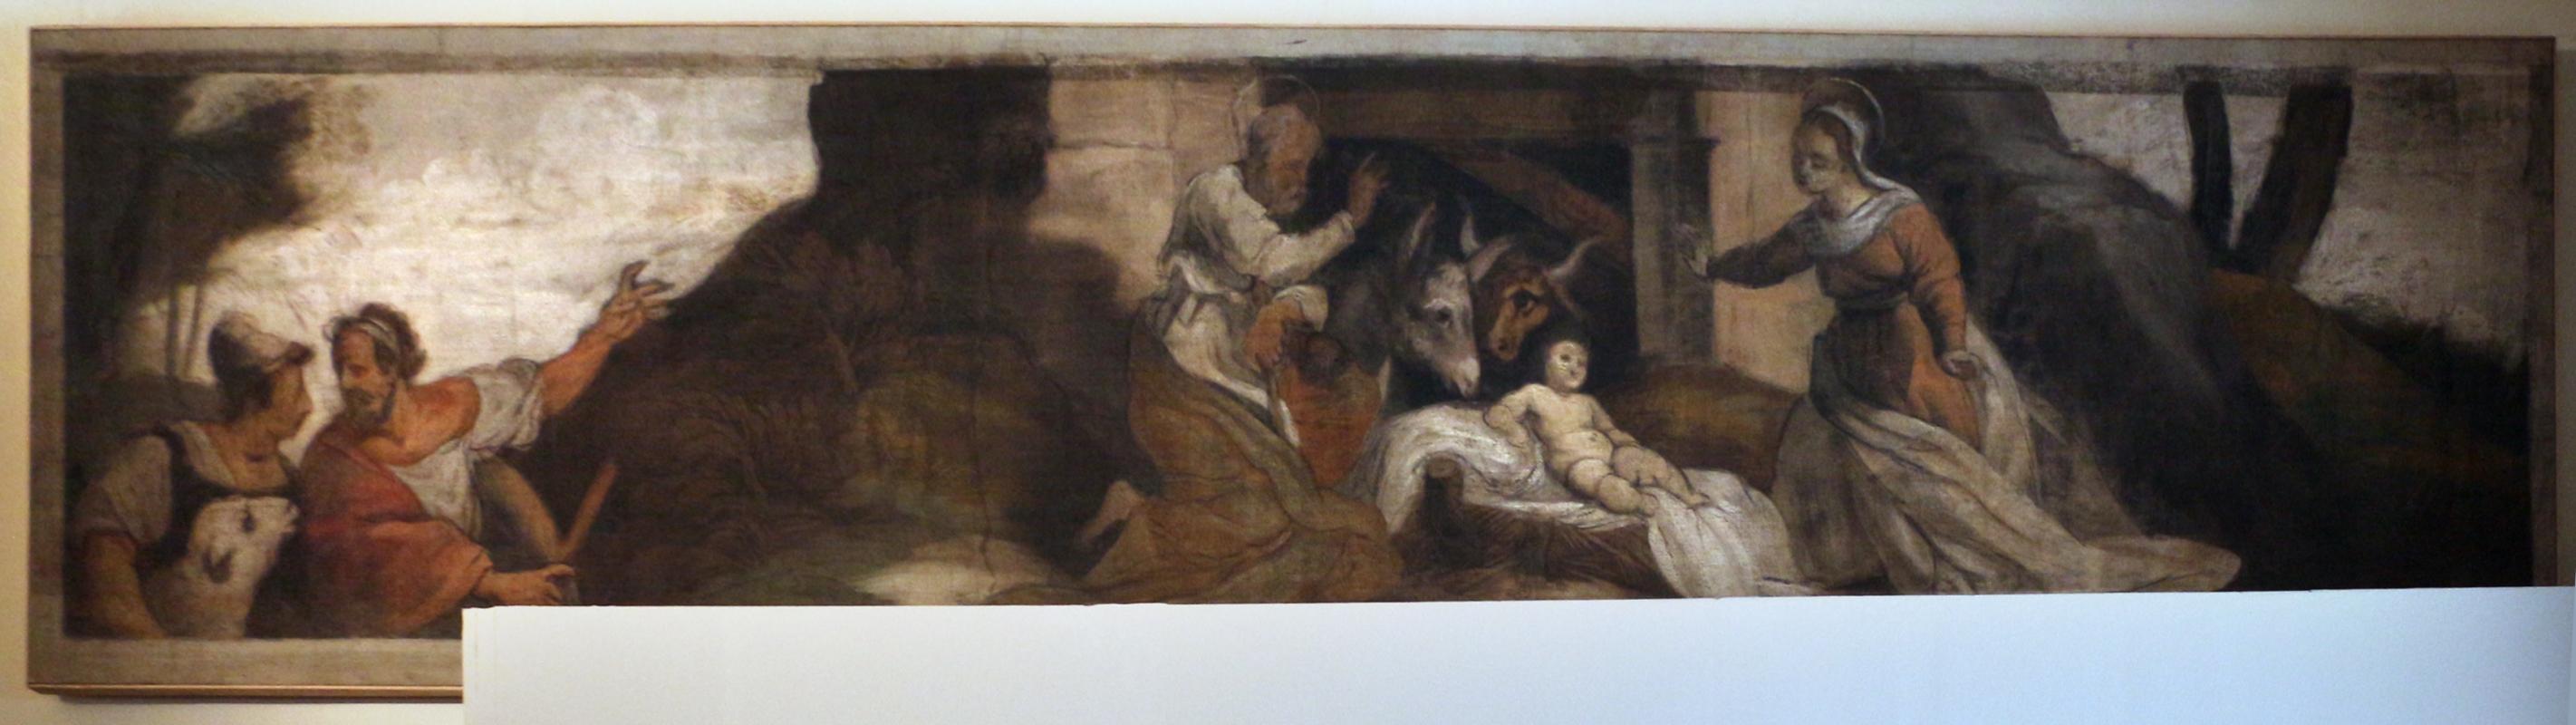 Giuseppe mazzuoli detto il bastardo, adorazione del bambino, 1579-80, dalla chiesa del gesù a ferrara 01 - Sailko - Ferrara (FE)